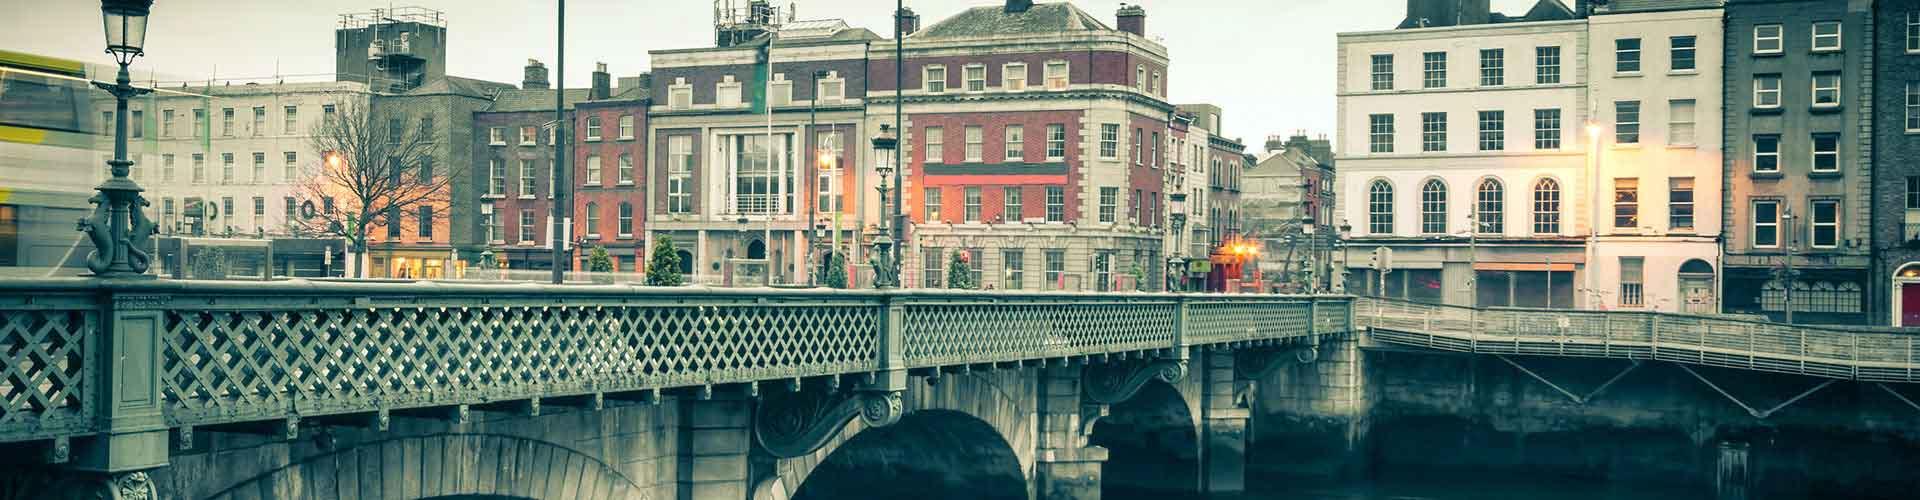 Dublin - Auberges de jeunesse dans le quartier de Henry Street Core. Cartes pour Dublin, photos et commentaires pour chaque auberge de jeunesse à Dublin.